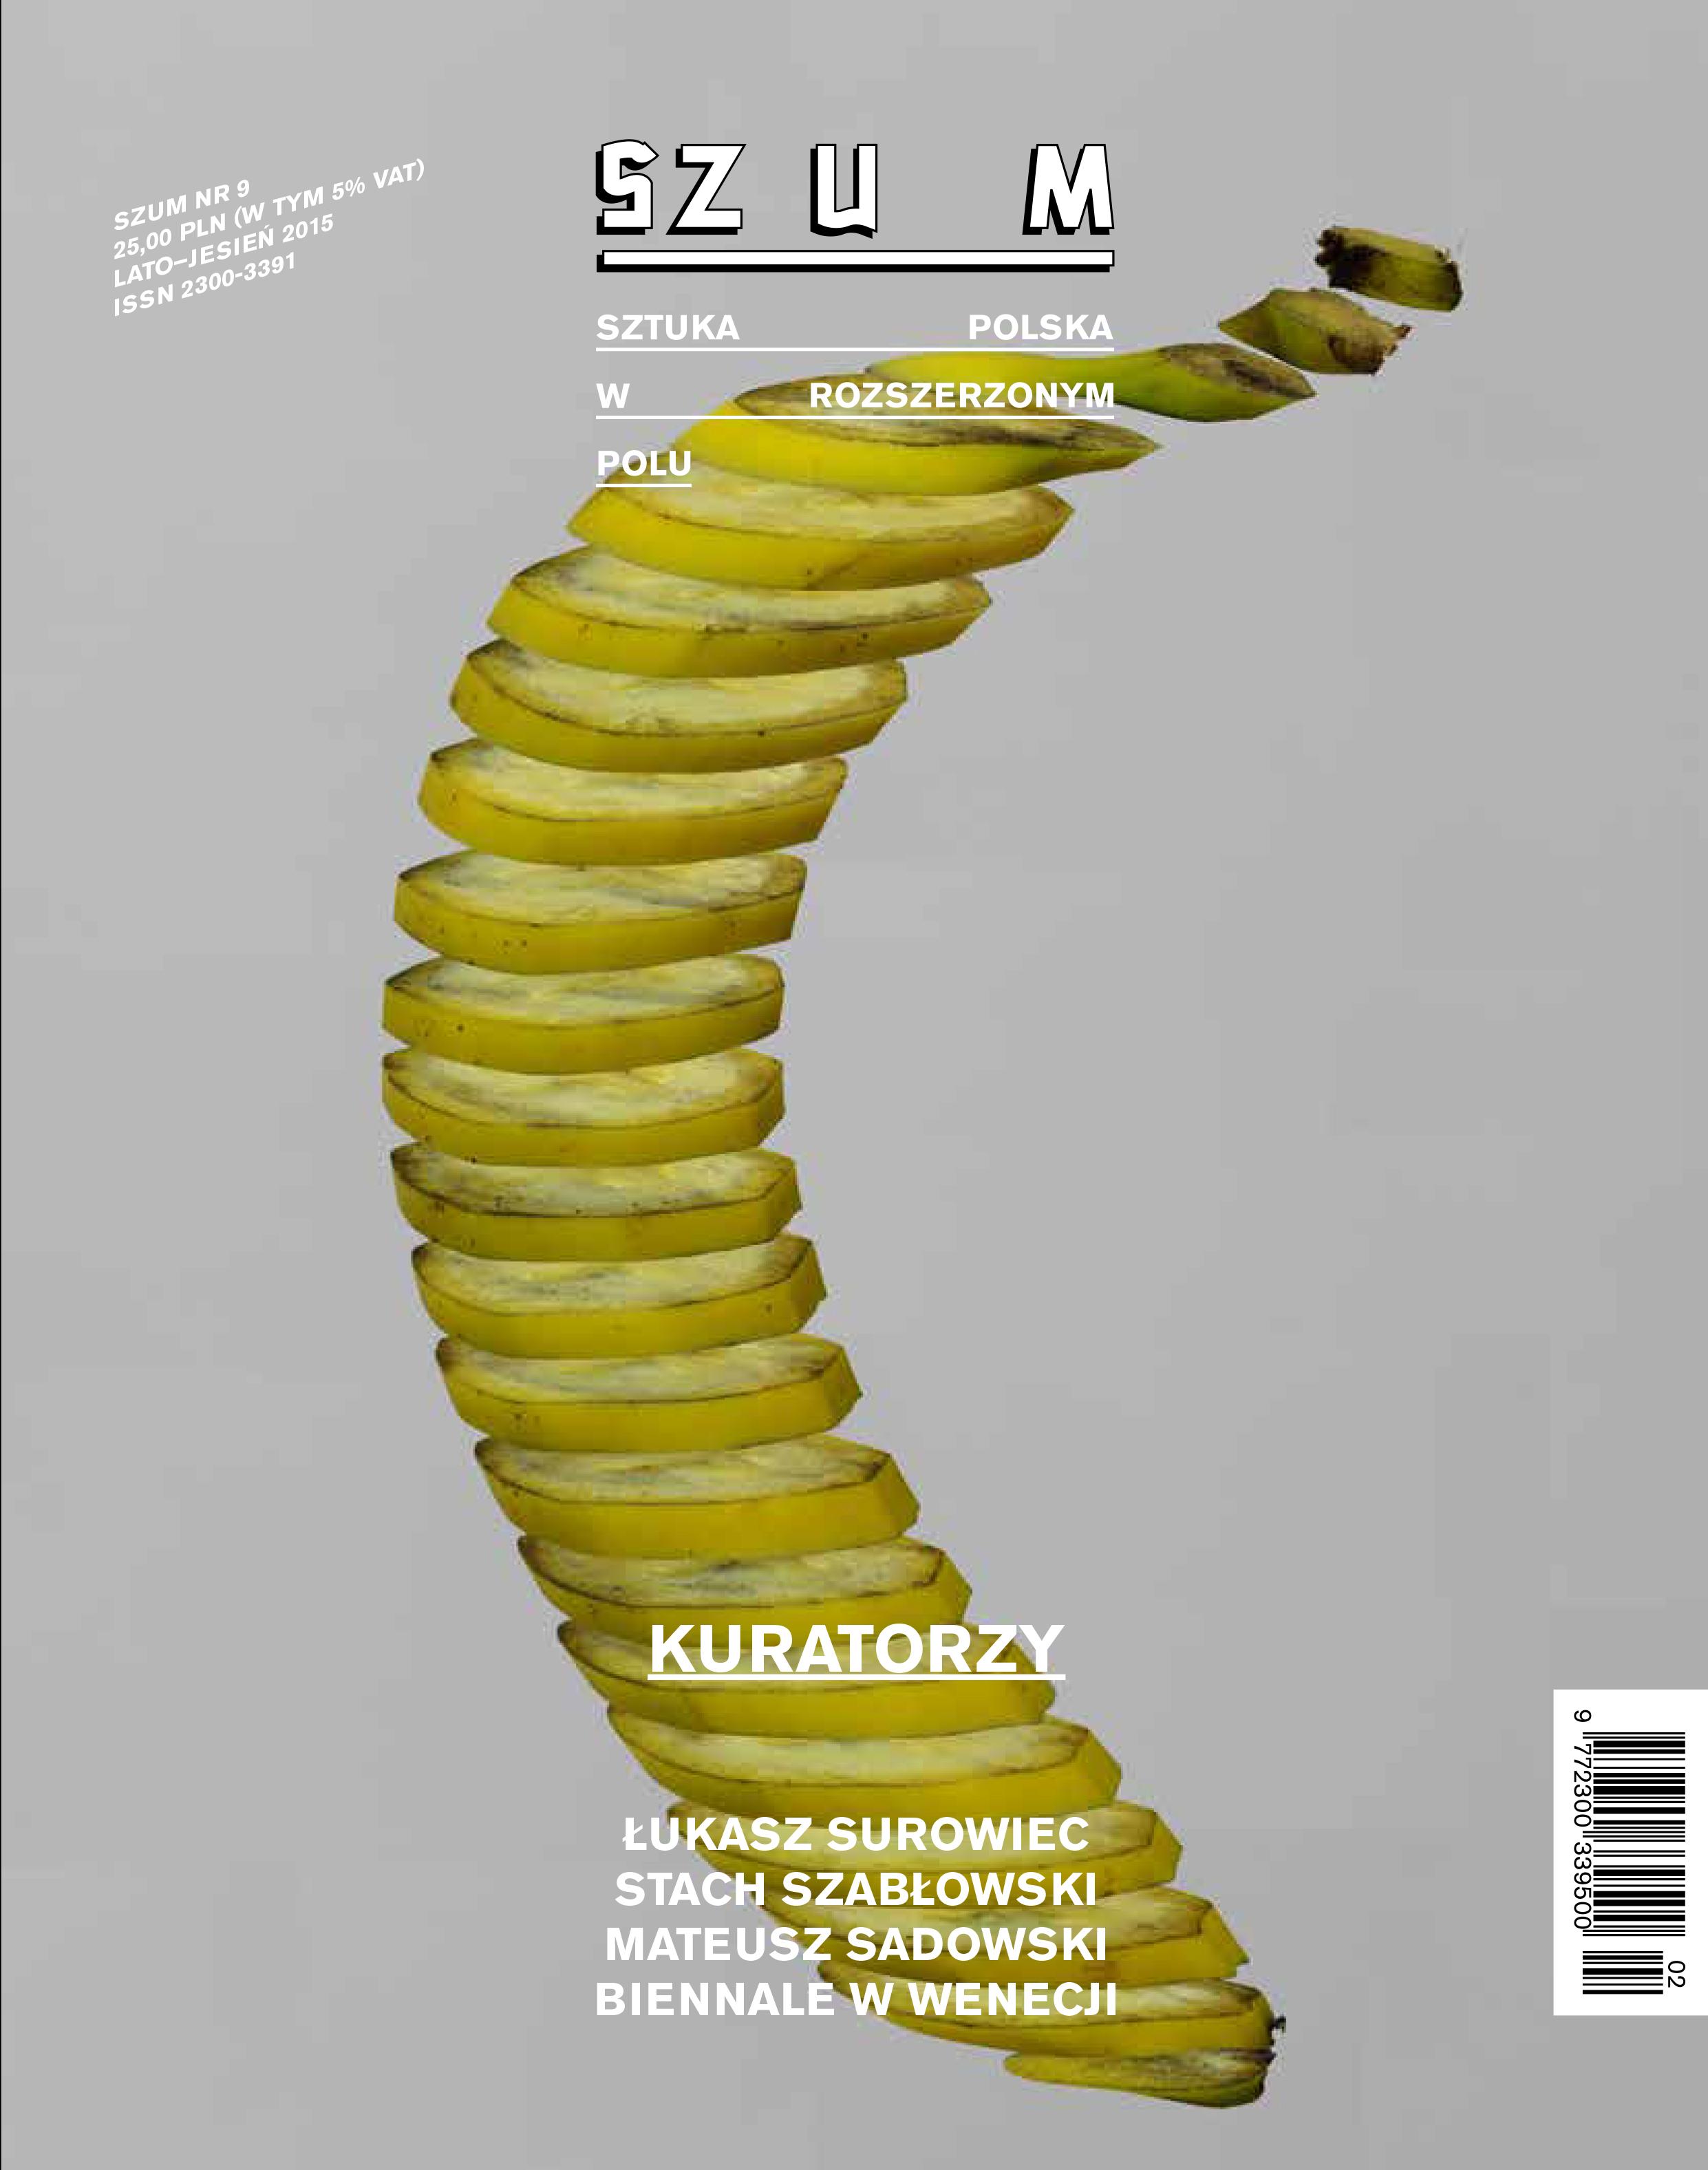 Okładka: Mateusz Sadowski, Pół banana, 2015